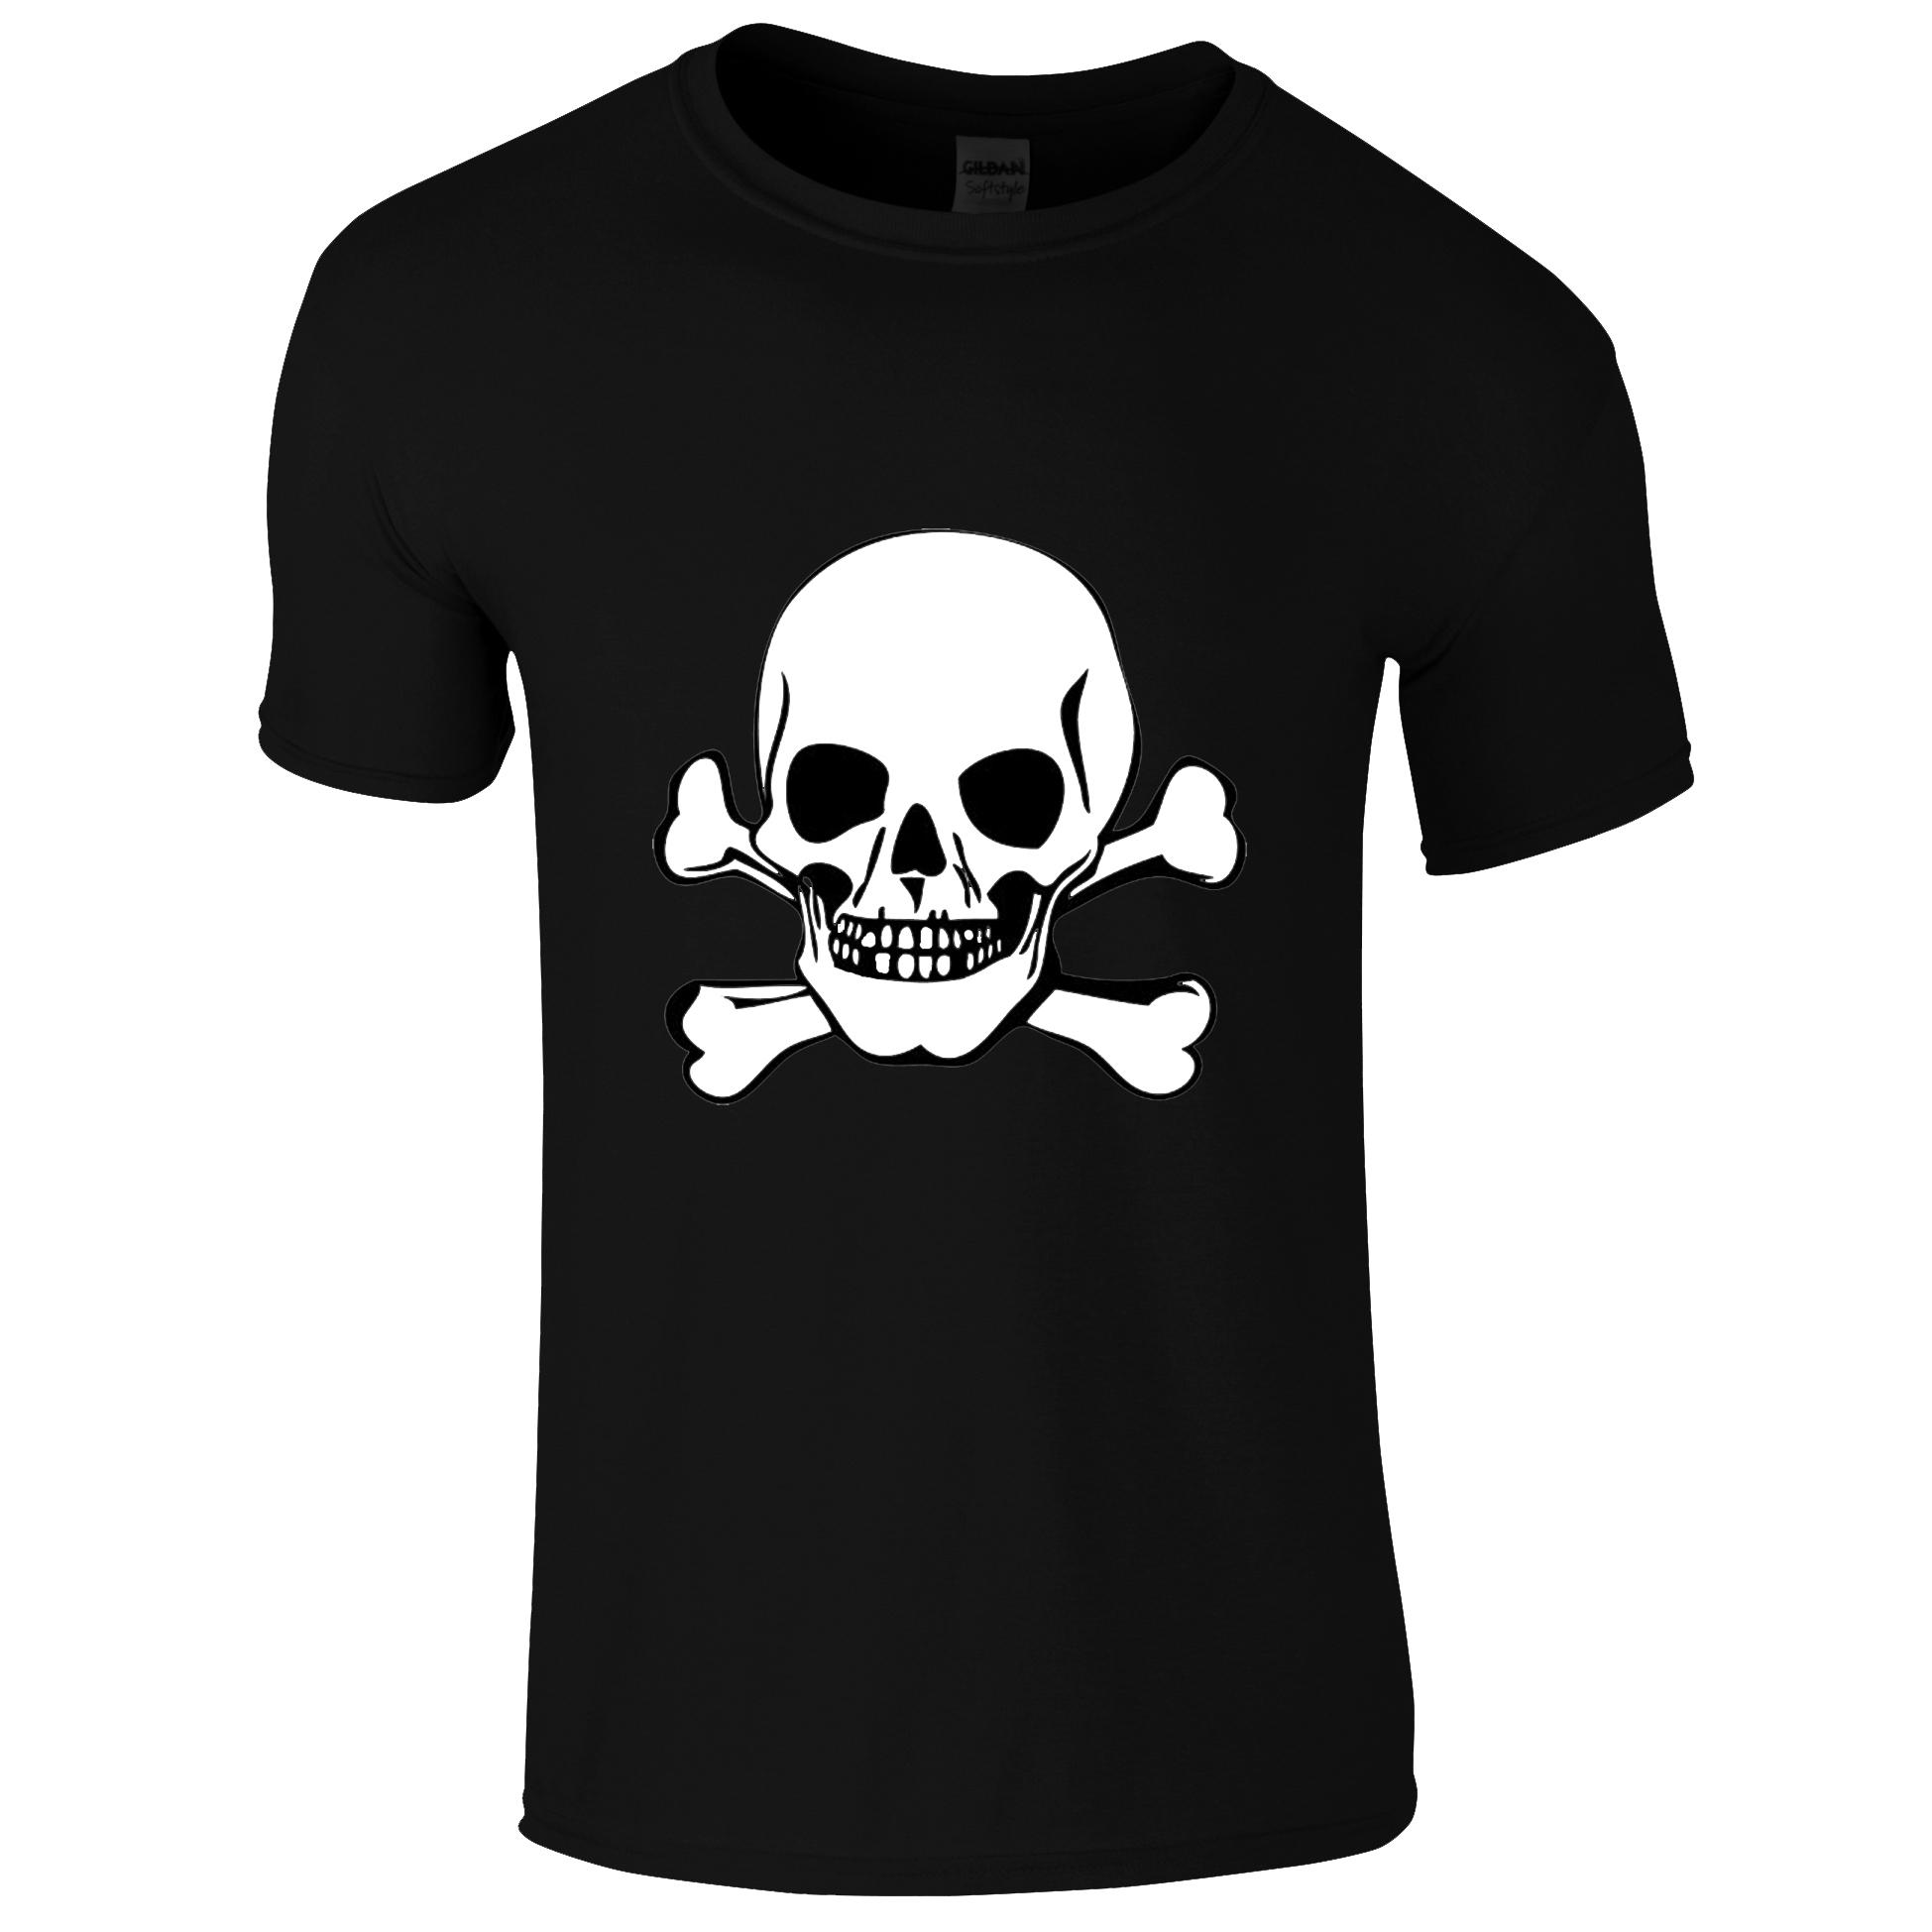 Schwarzes Gothic Shirt mit weissen Totenkopf